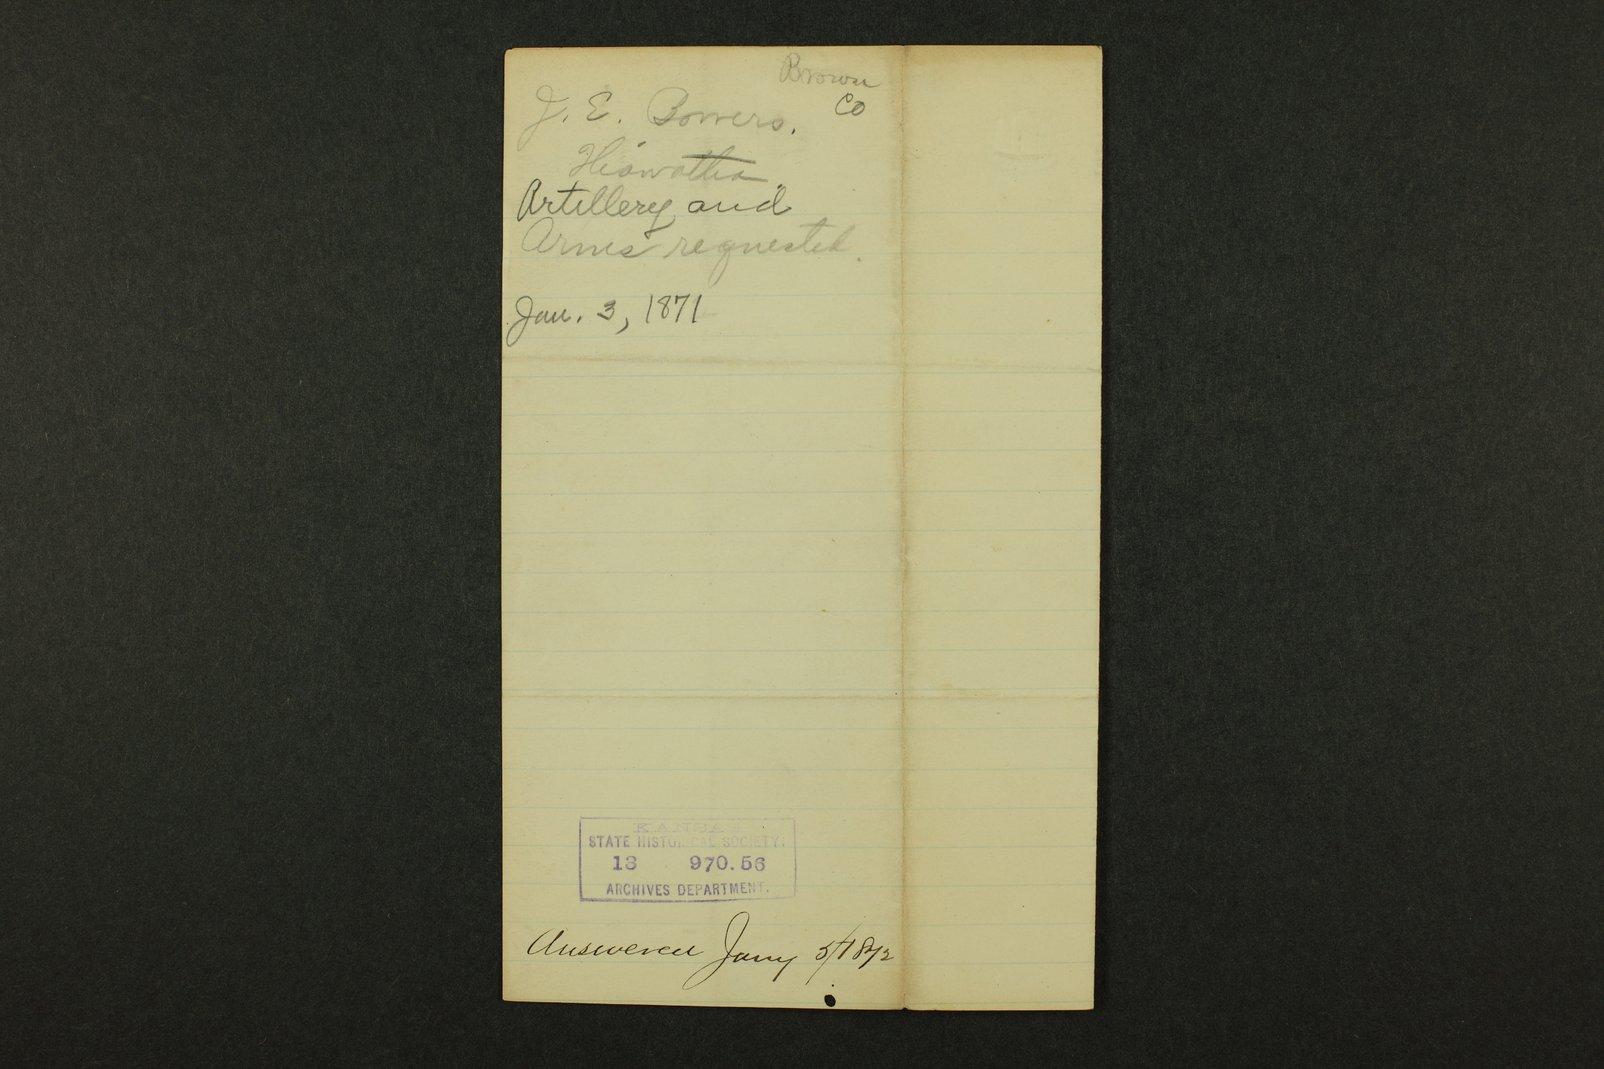 Kansas Adjutant General general correspondence, 1871 - 8